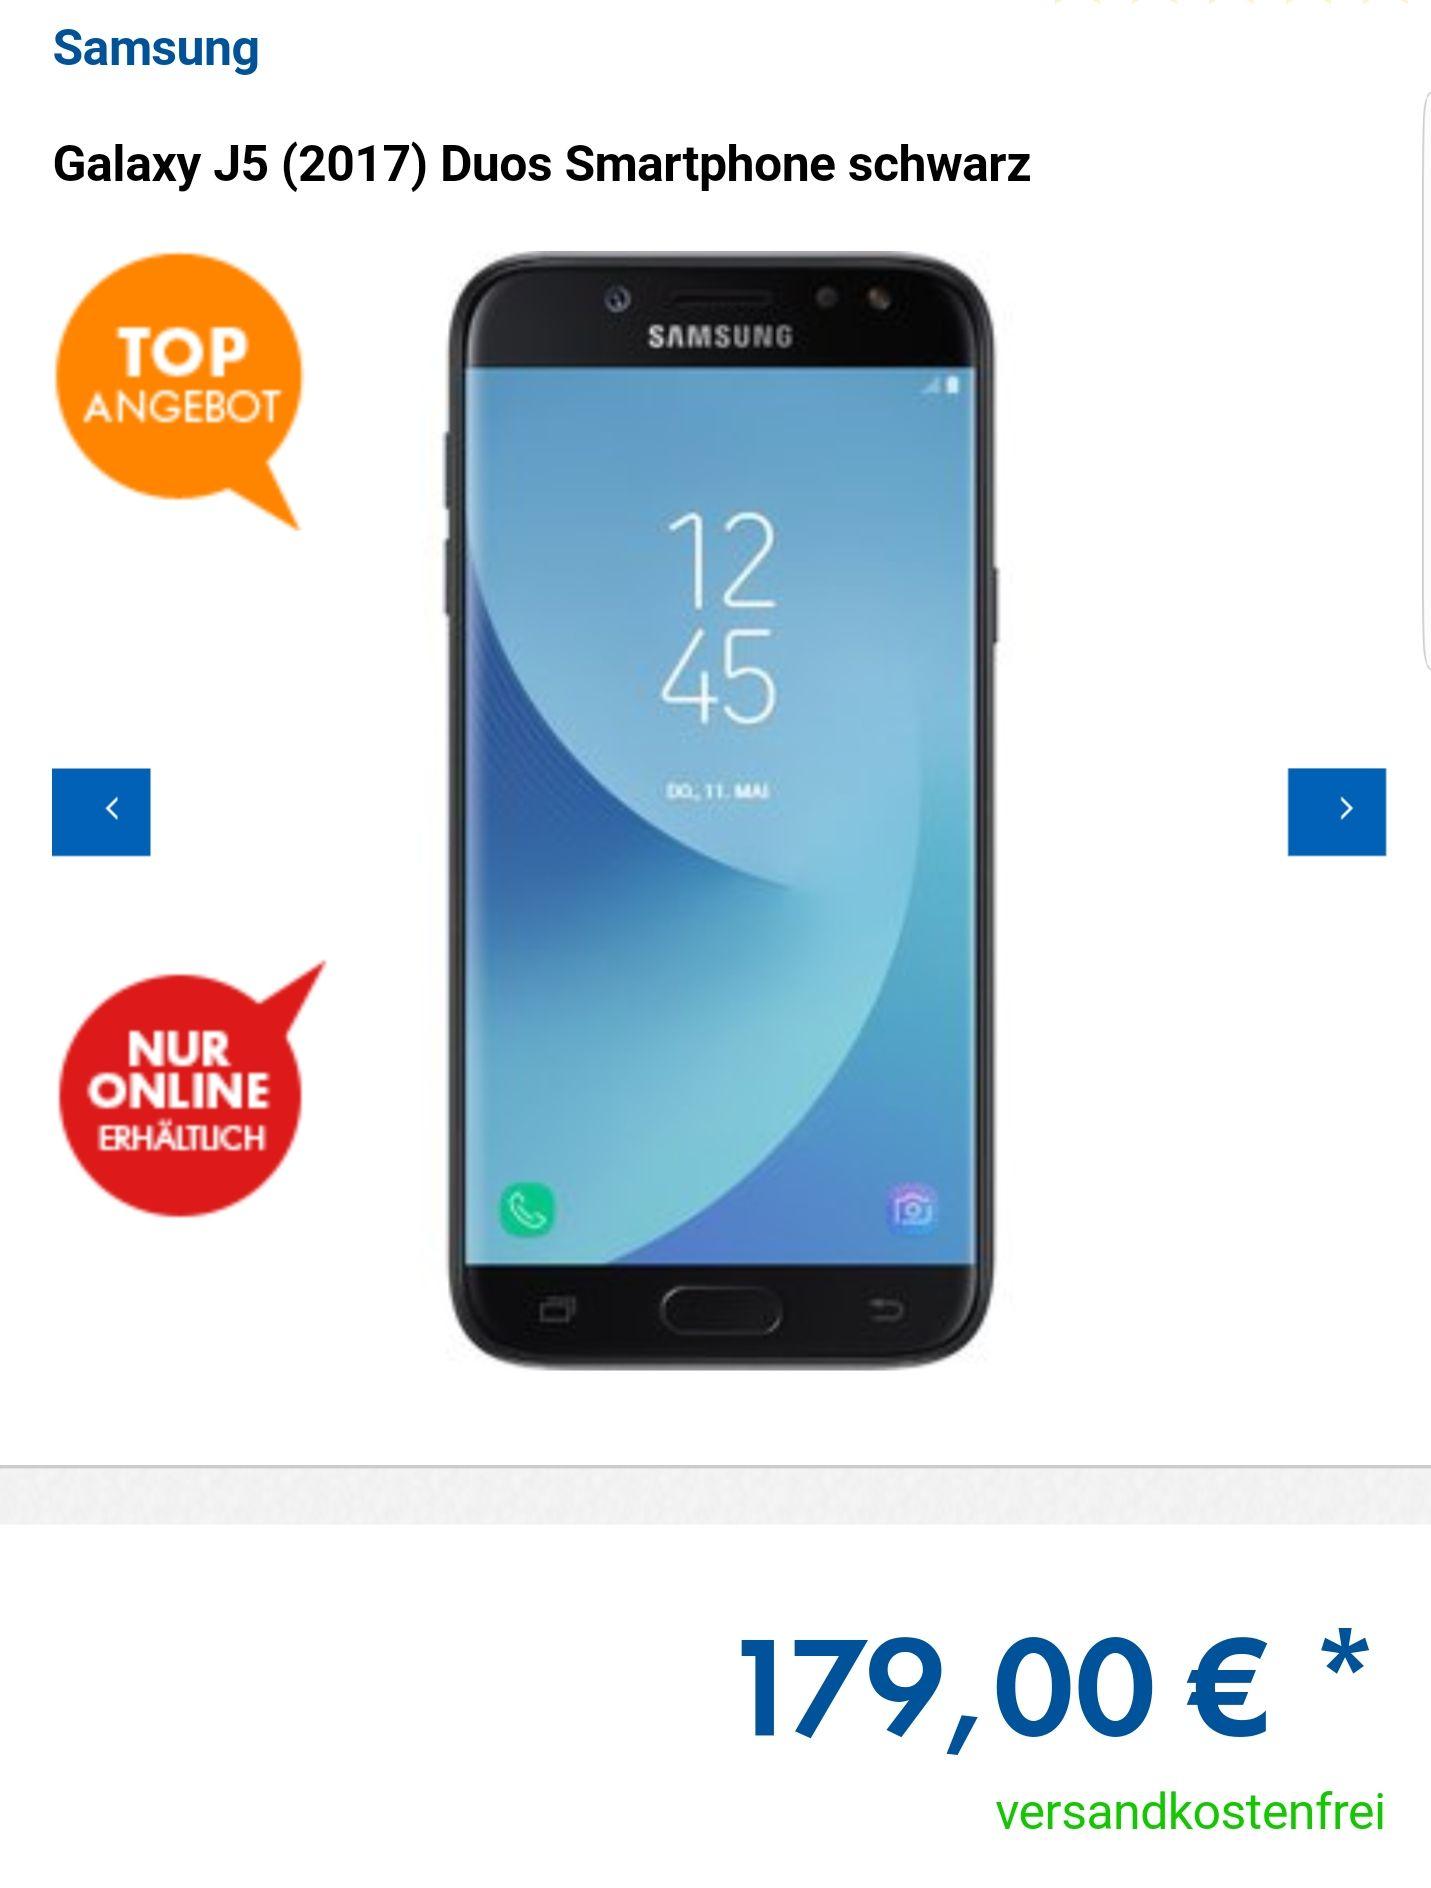 Euronics Angebot: Samsung Galaxy J5 (2017) Duos nur 174 Euro (Mit Newslettergutschein)